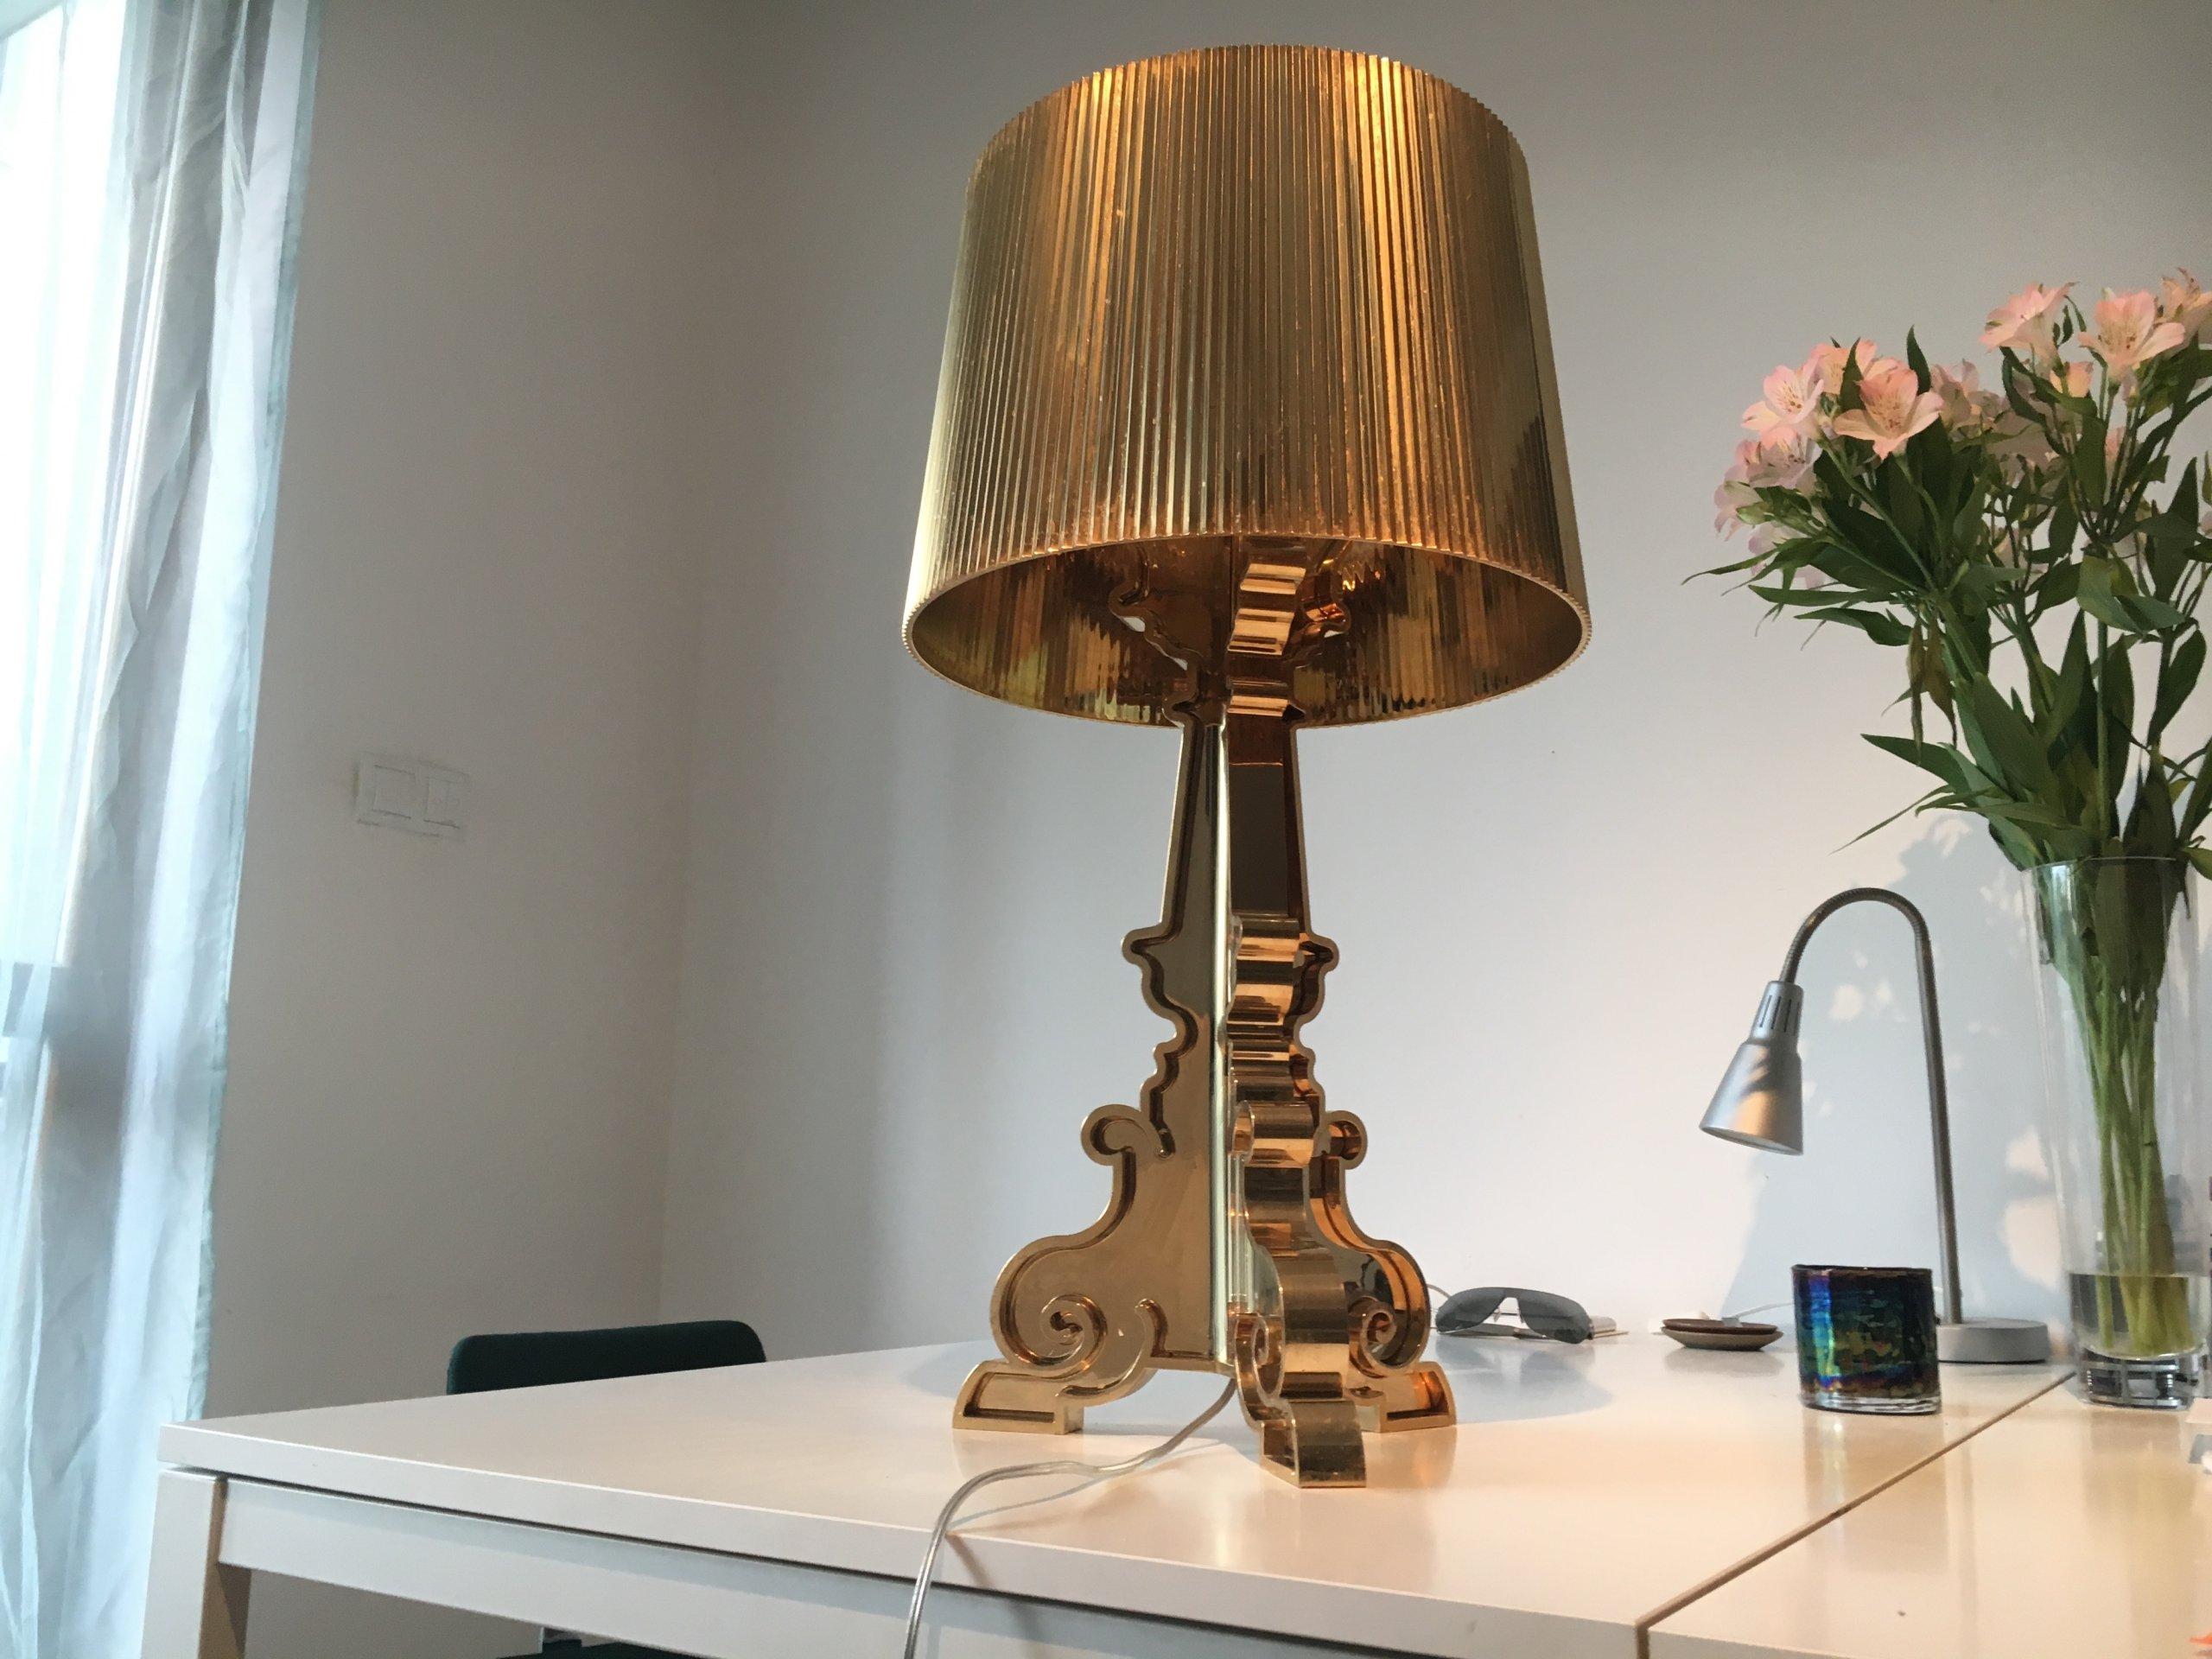 Lampa Kartell Bourgie Gold Złota 7385908190 Oficjalne Archiwum